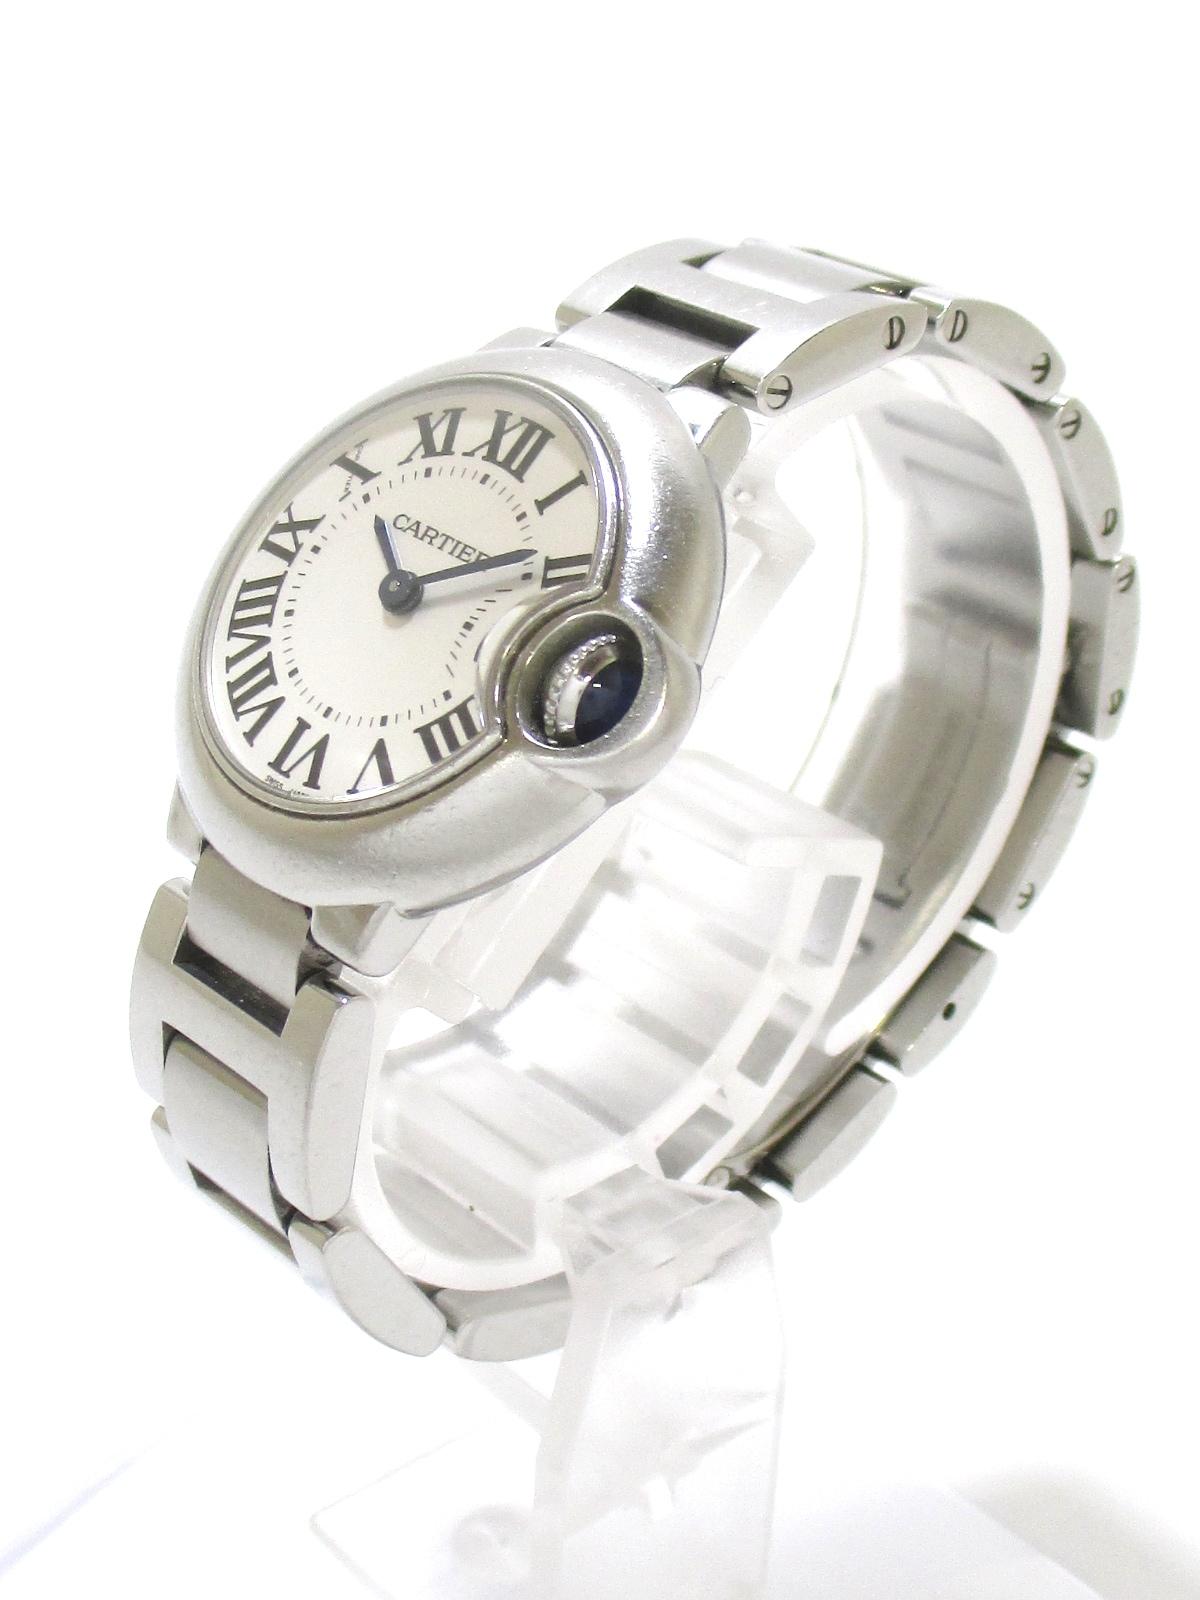 Cartier(カルティエ)のバロンブルーSM